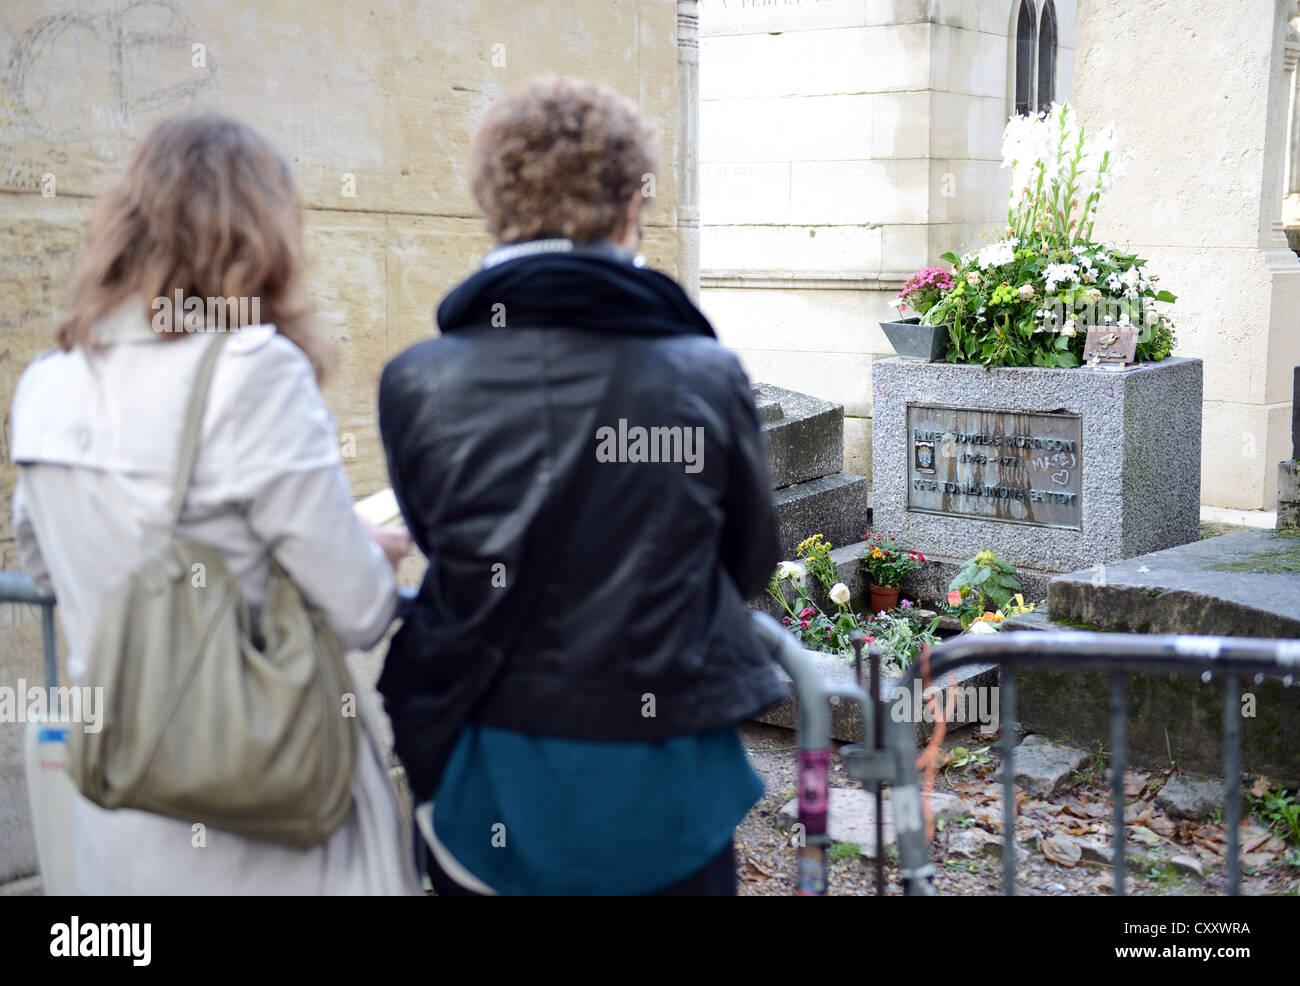 Jim Morrison grave, Père Lachaise Cemetery, Cimetière du Père-Lachaise, Paris France - Stock Image